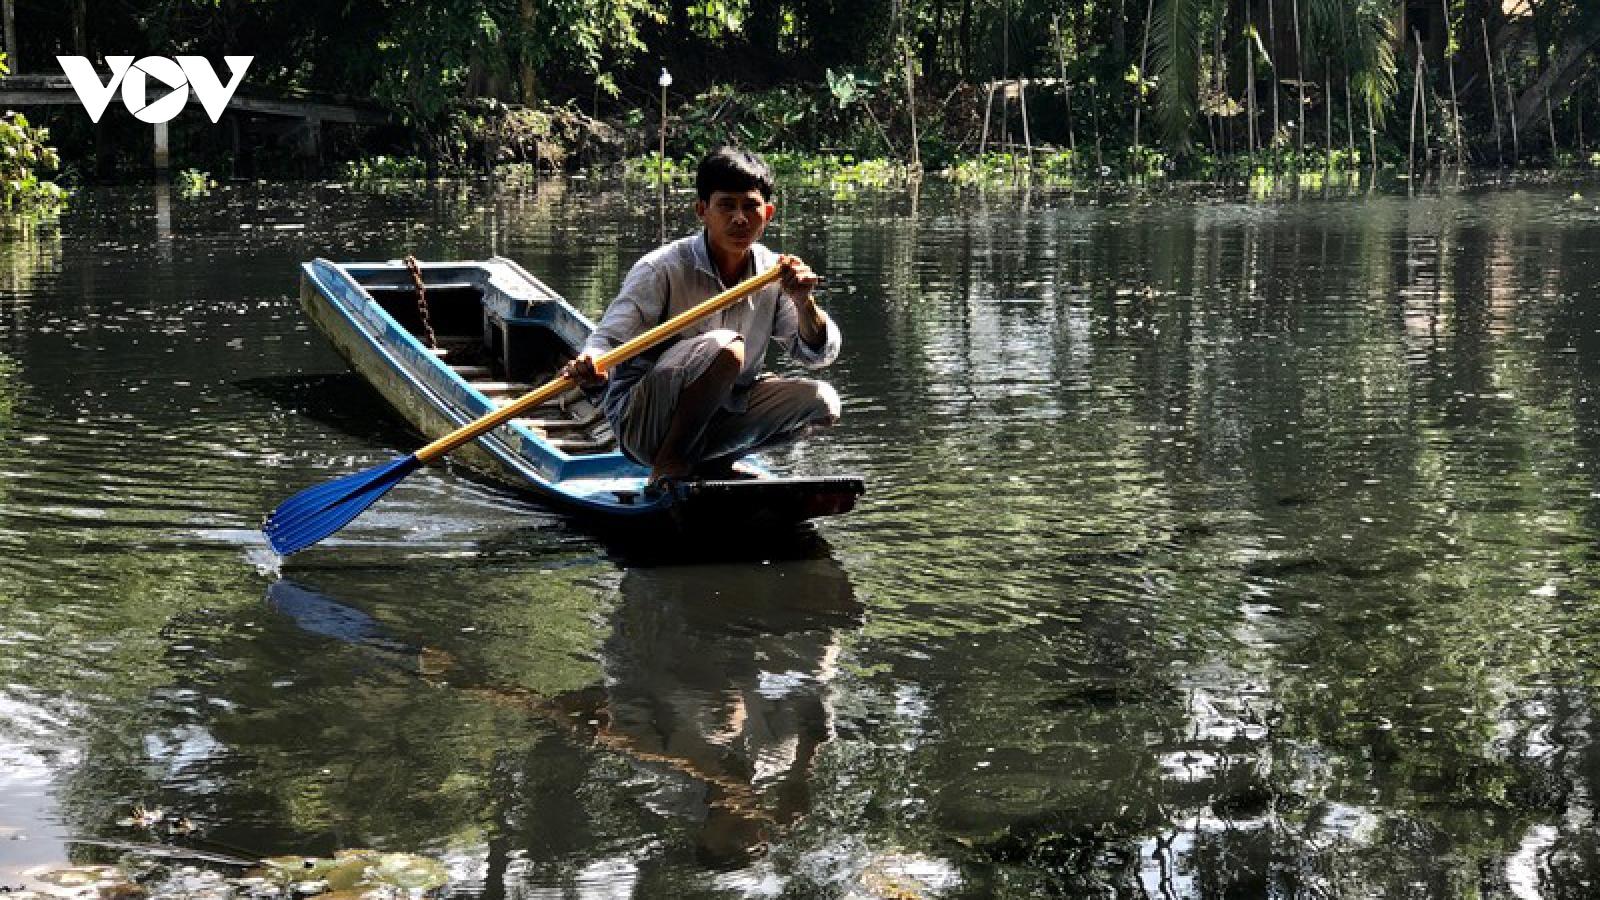 Nước sông ở Thị xã Long Mỹ (Hậu Giang) đen ngòm, bốc mùi hôi thối